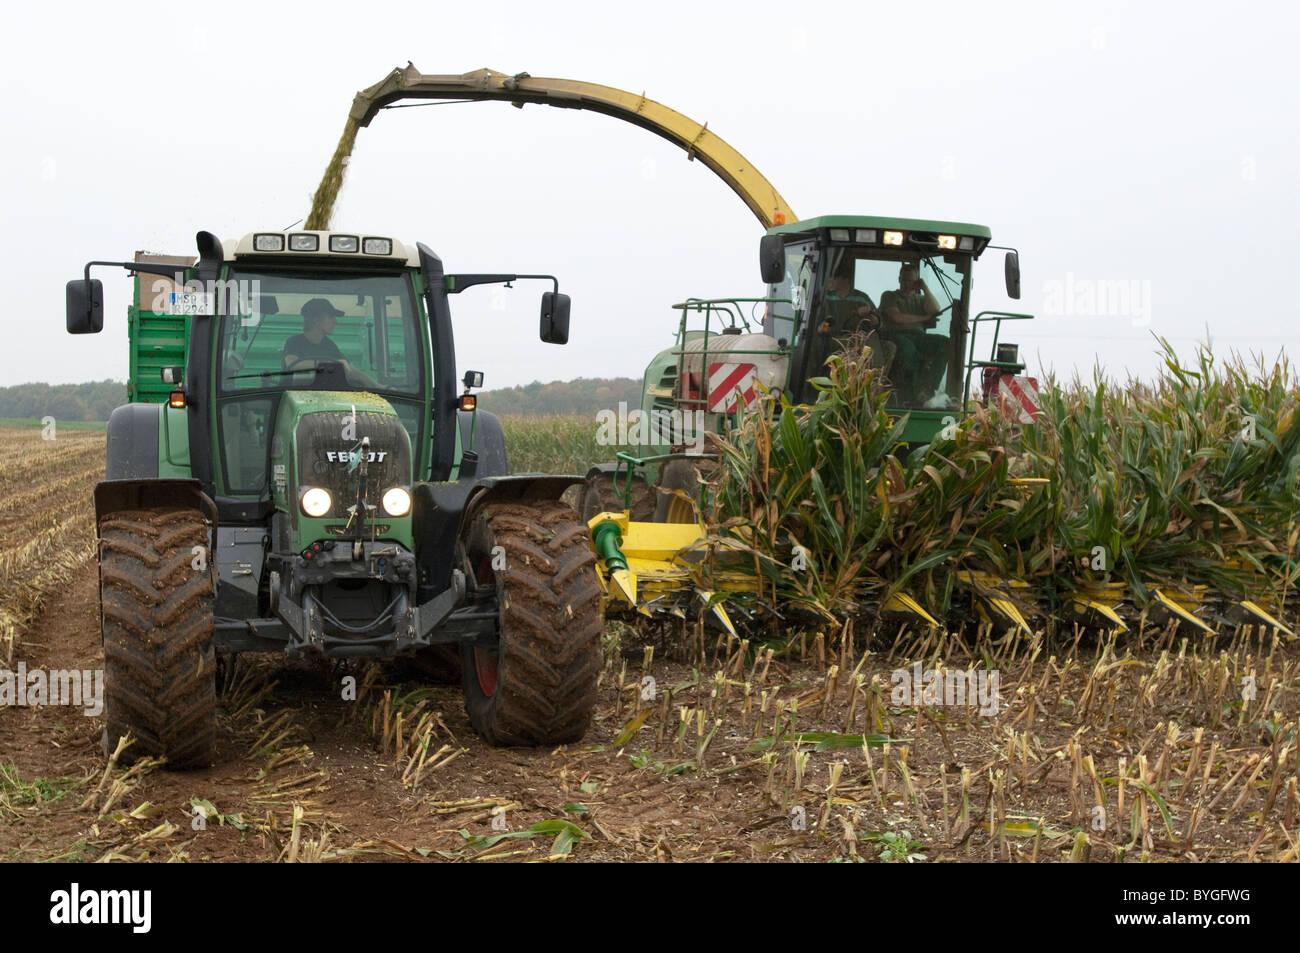 Le maïs, le maïs (Zea mays). La récolte de maïs. Un tracteur avec une remorque en marche à Photo Stock